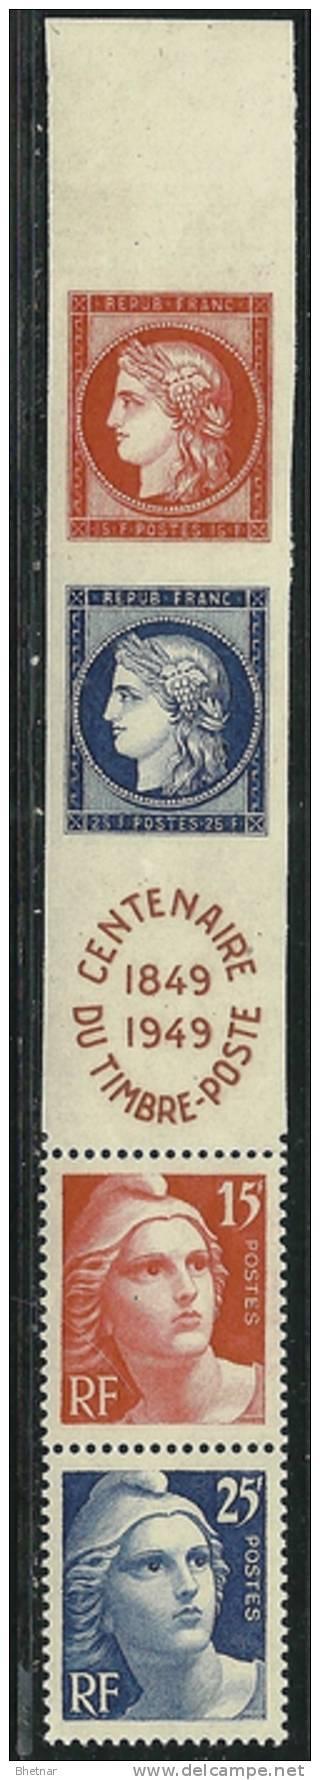 """FR YT 833A """" La Bande Du Centenaire Du Timbre """" 1949 Neuf** - France"""